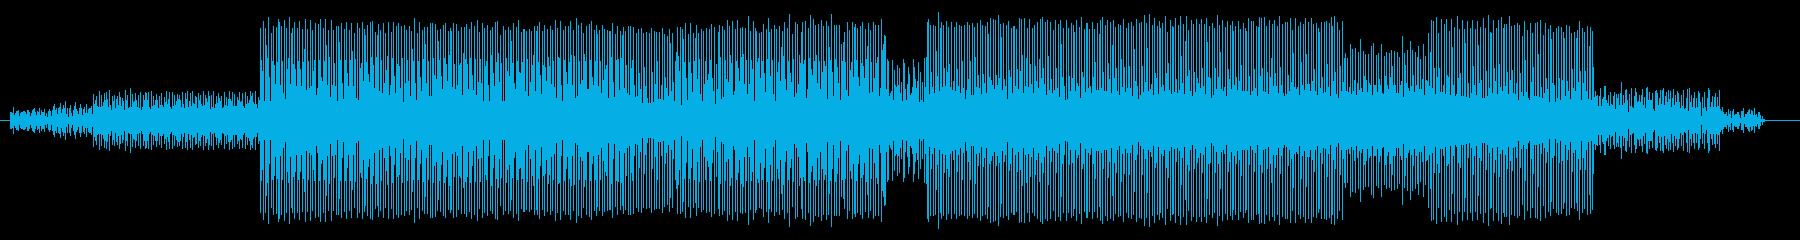 パッドサウンドがクールなテクノの再生済みの波形